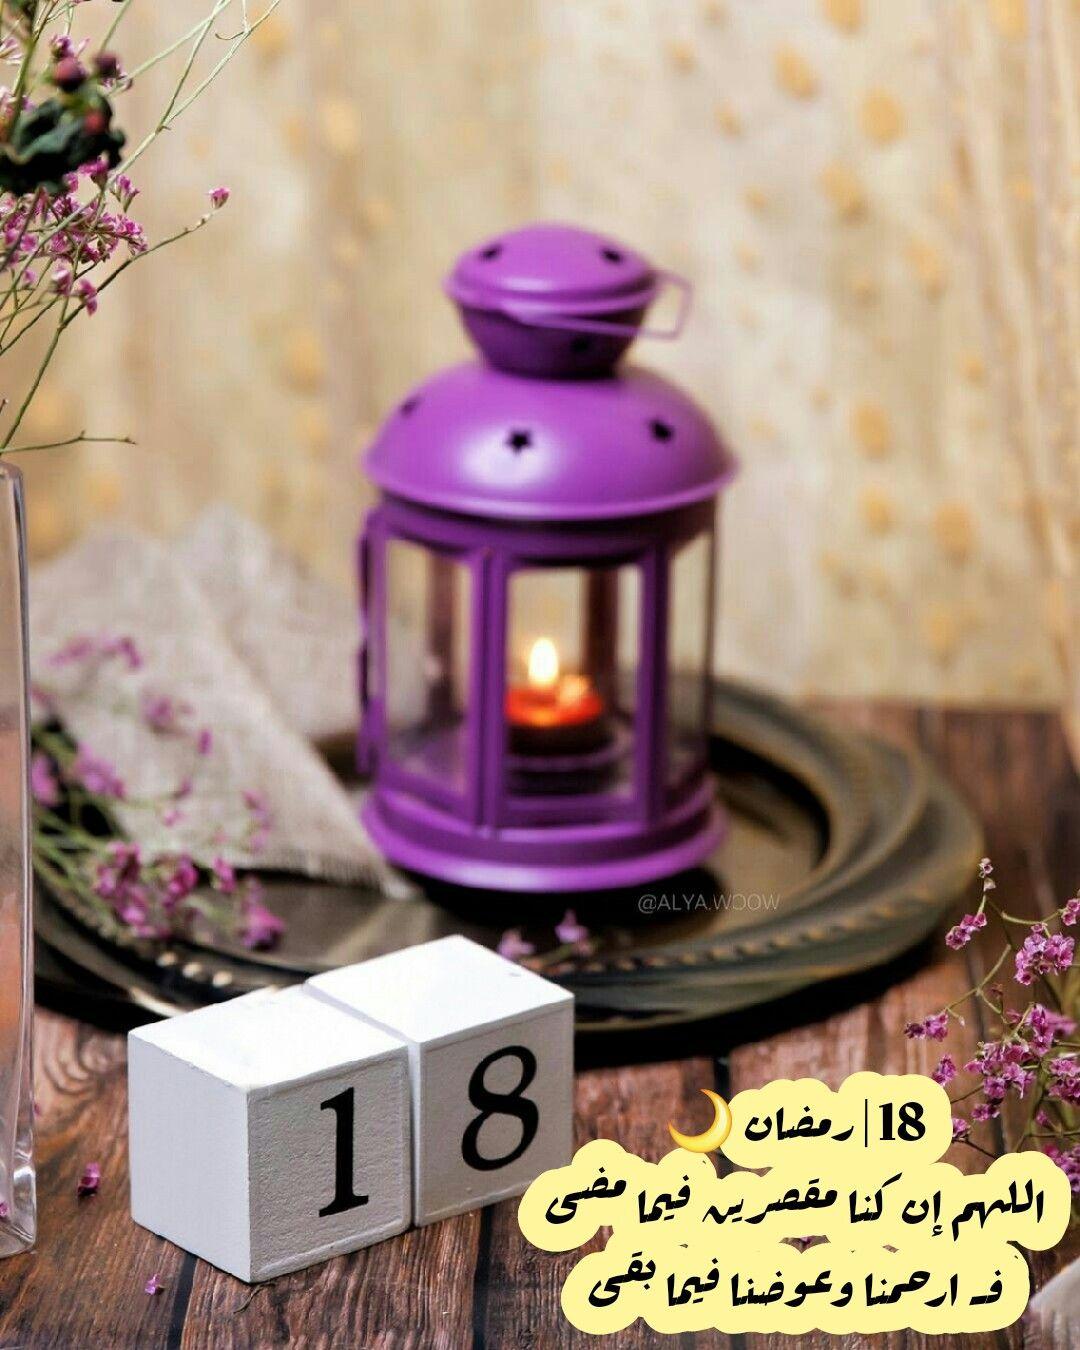 18 رمضان دعاء Candle Holders Candles